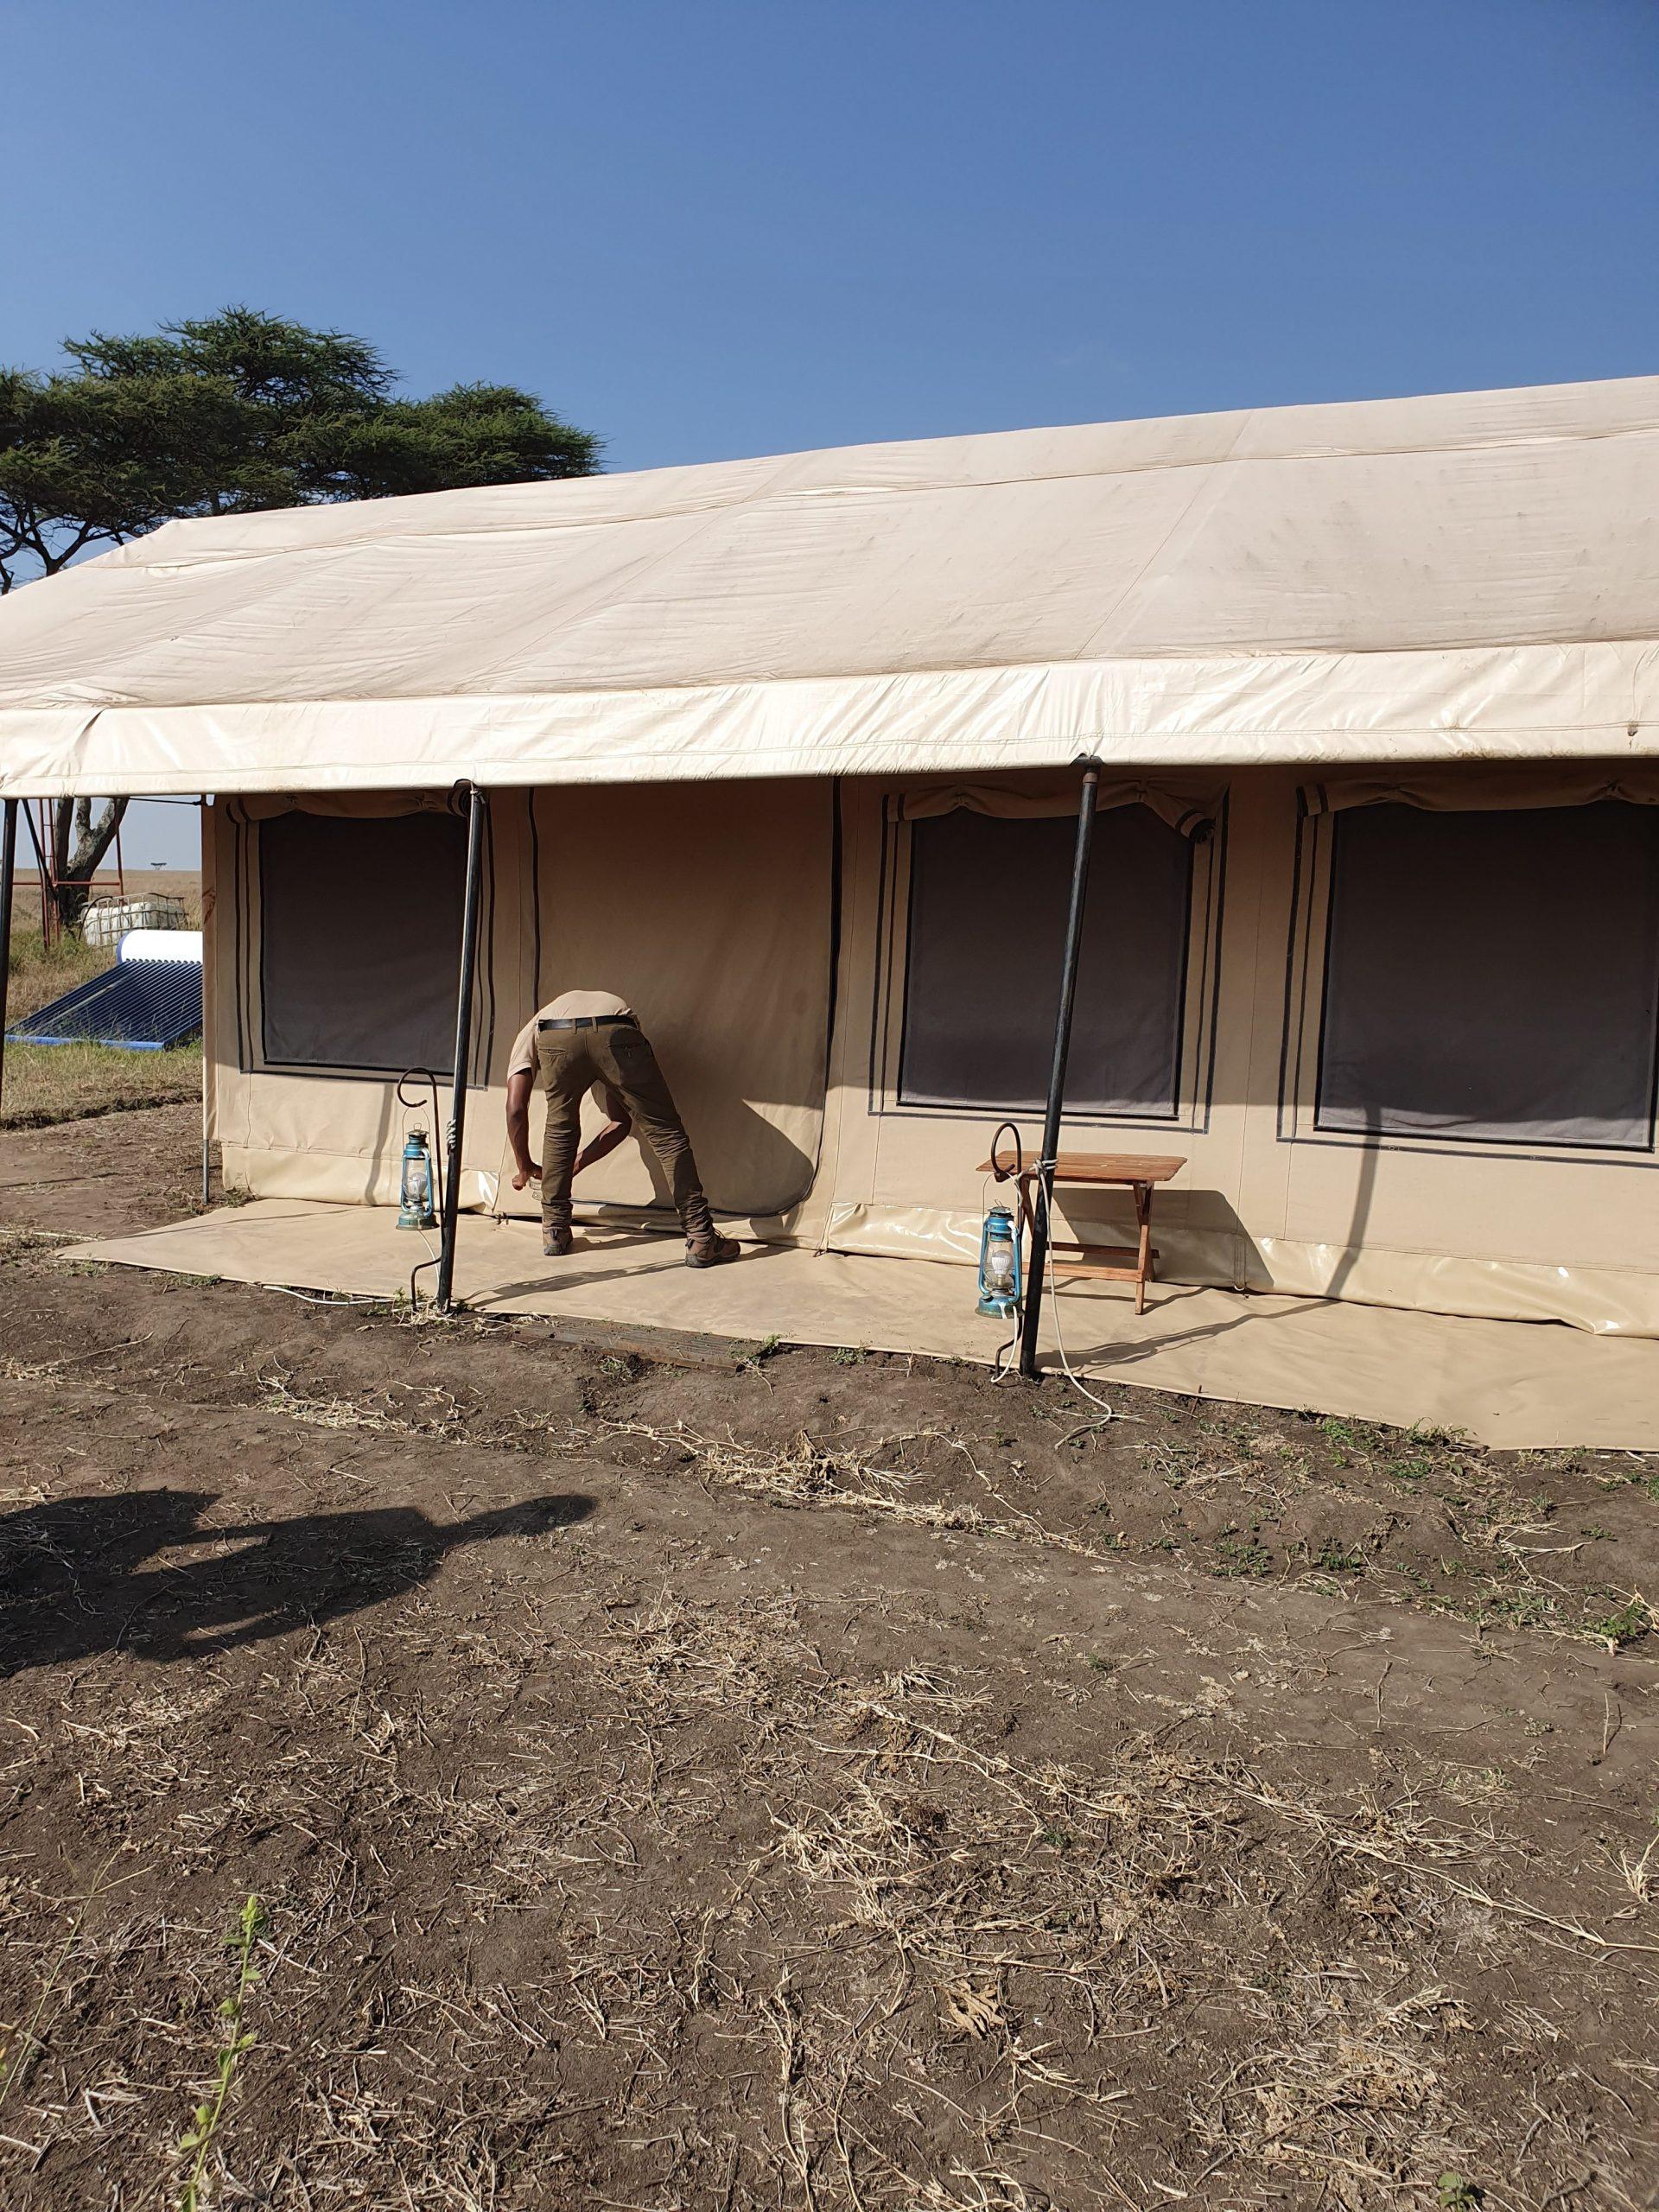 לוד׳ בטנזיה, טיול מאורגן בטנזניה